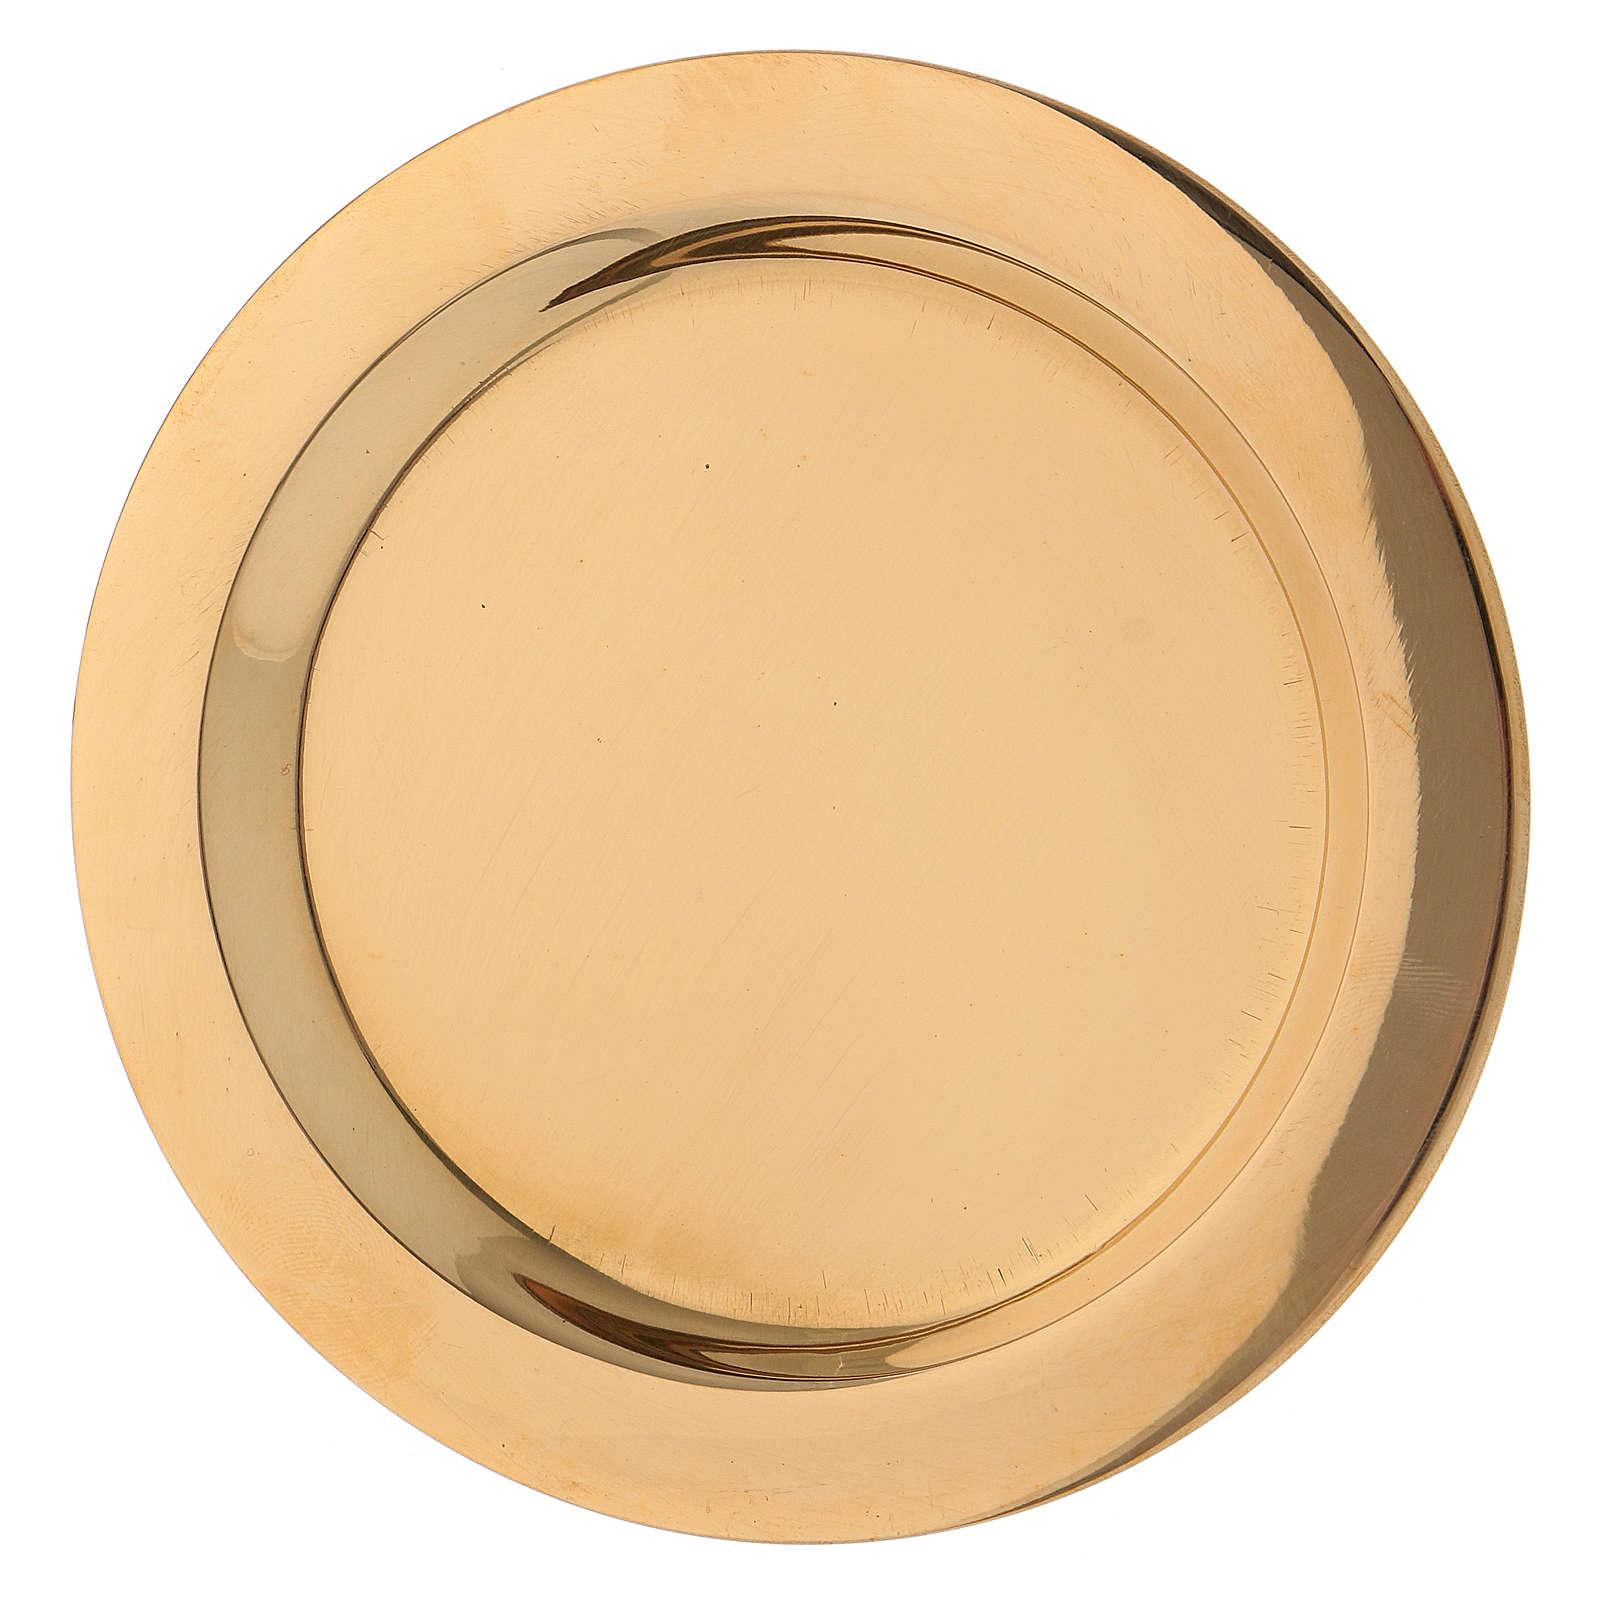 Assiette bougeoir en laiton brillant doré diam. 11 cm 3